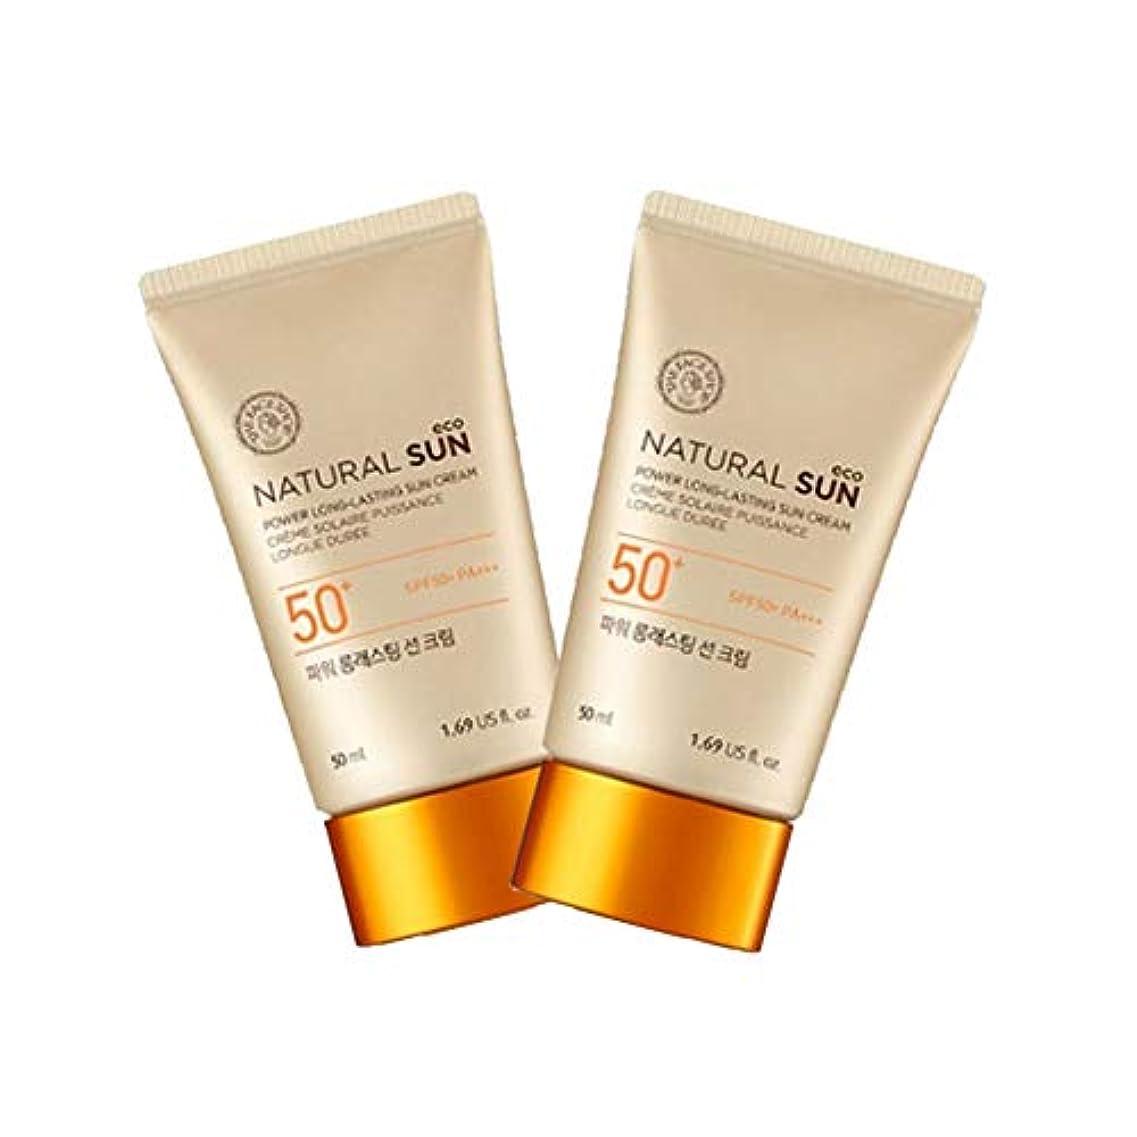 ガチョウ姓小さいザ?フェイスショップナチュラルサンエコパワーロングラスティングサンクリーム50mlx2本セット韓国コスメ、The Face Shop Natural Sun Eco Power Long Lasting Sun Cream...